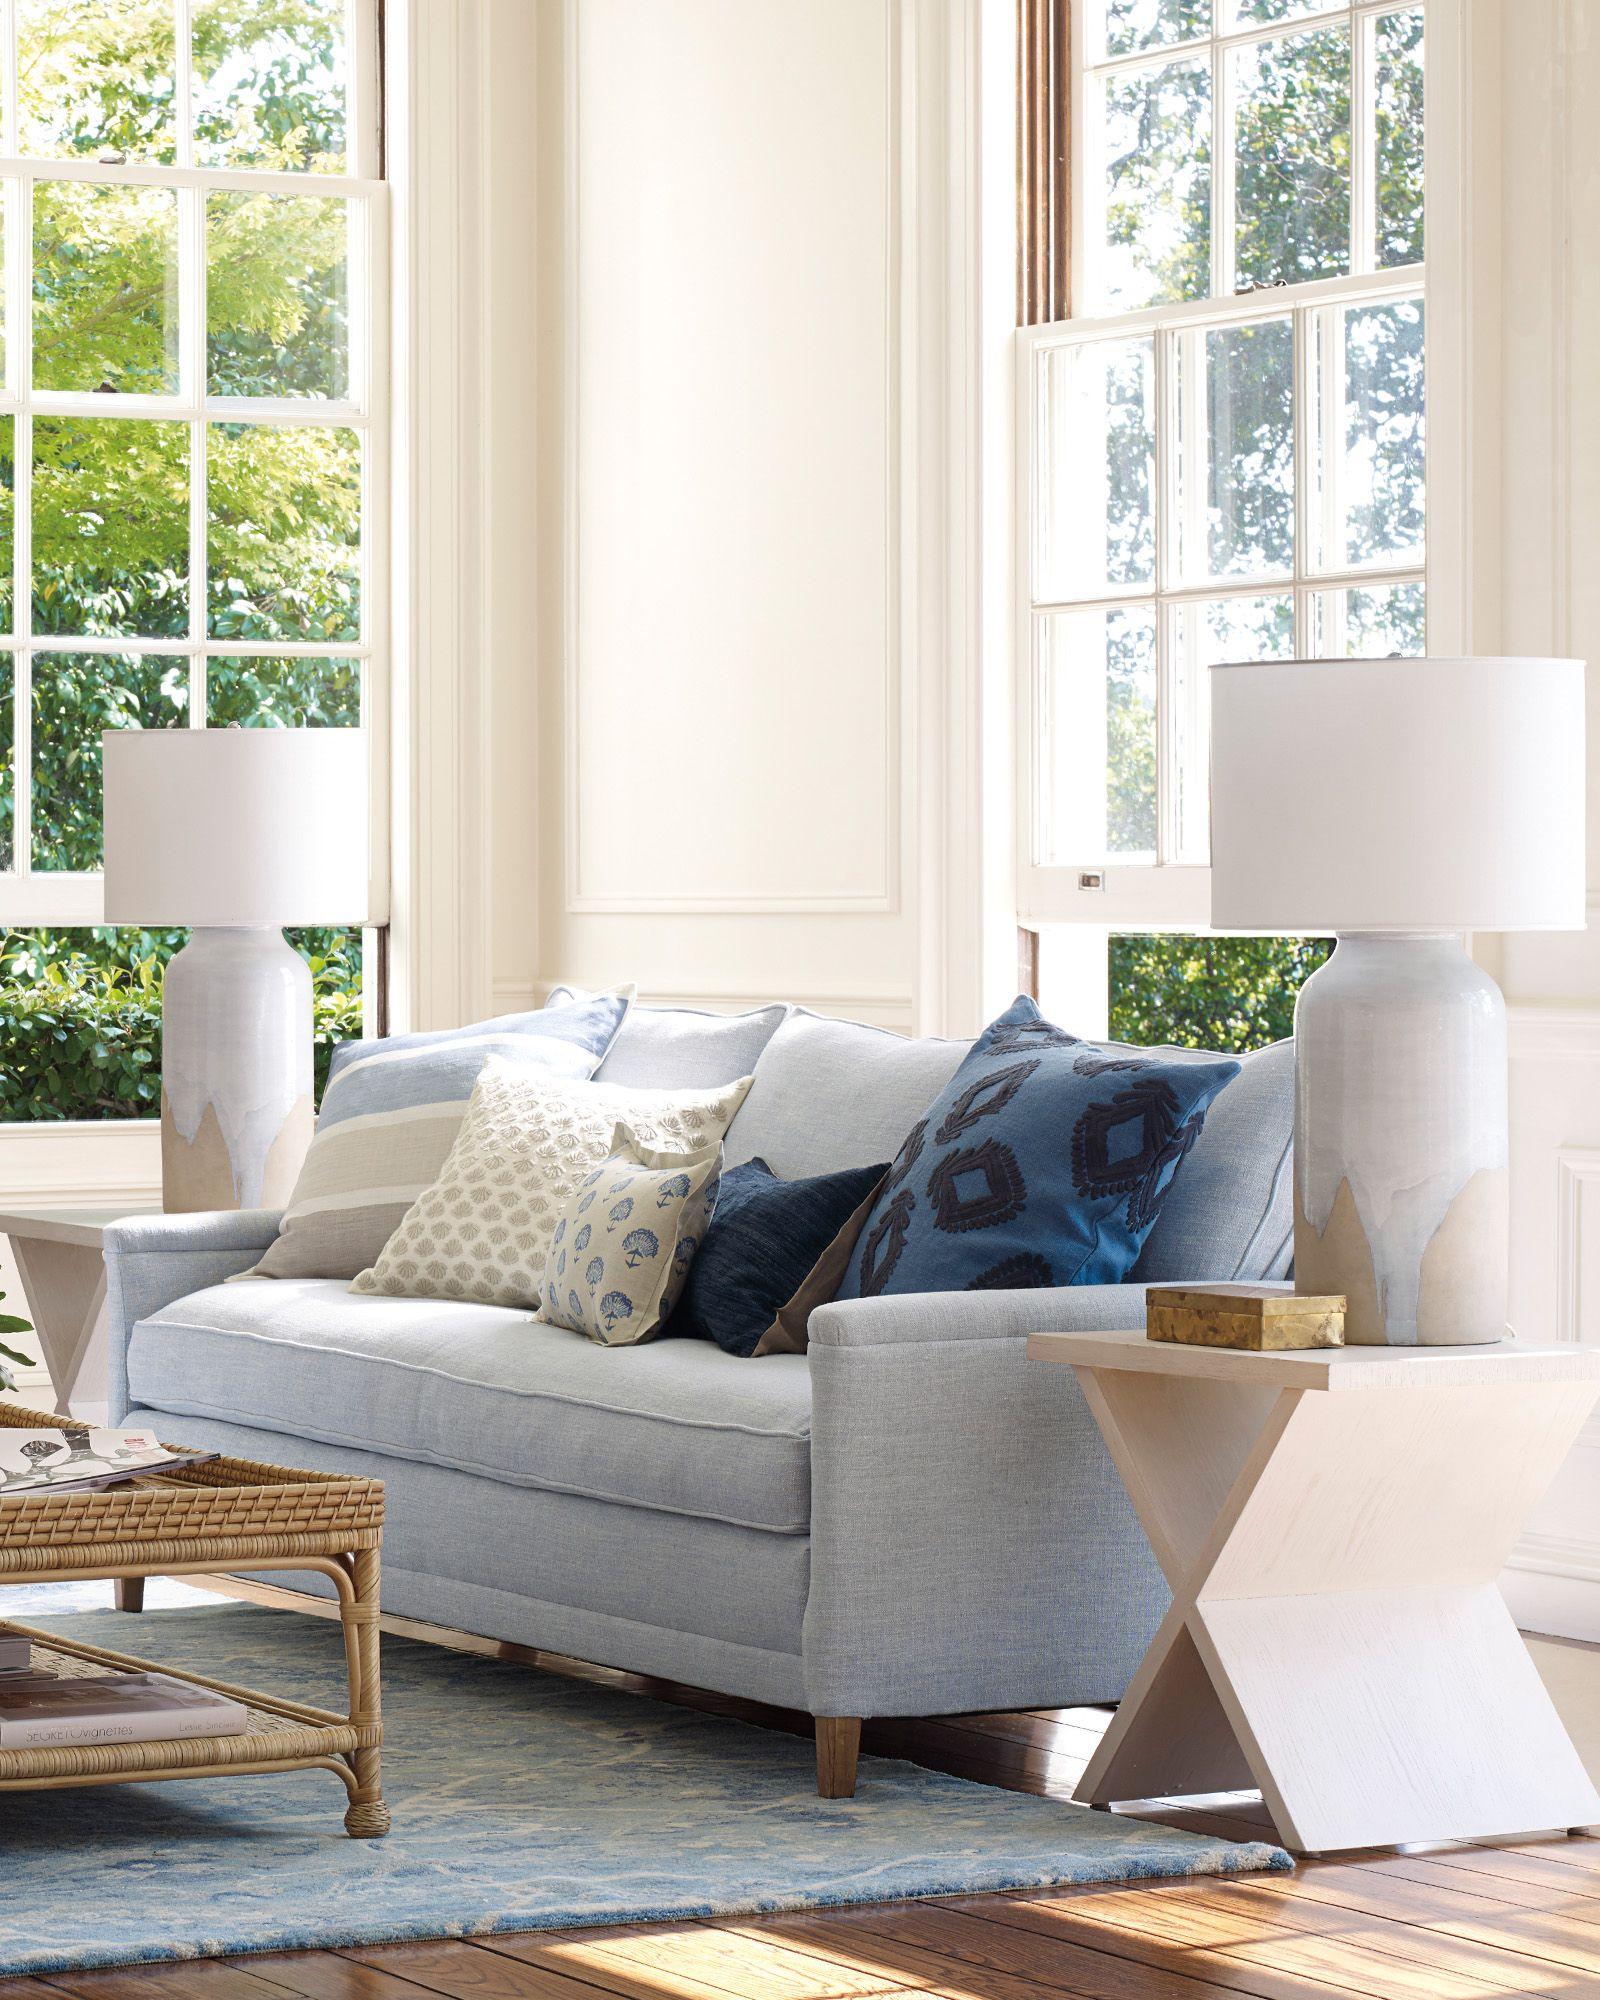 Hunter Side Table Light Blue Sofa Living Room Blue Sofas Living Room Pretty Living Room